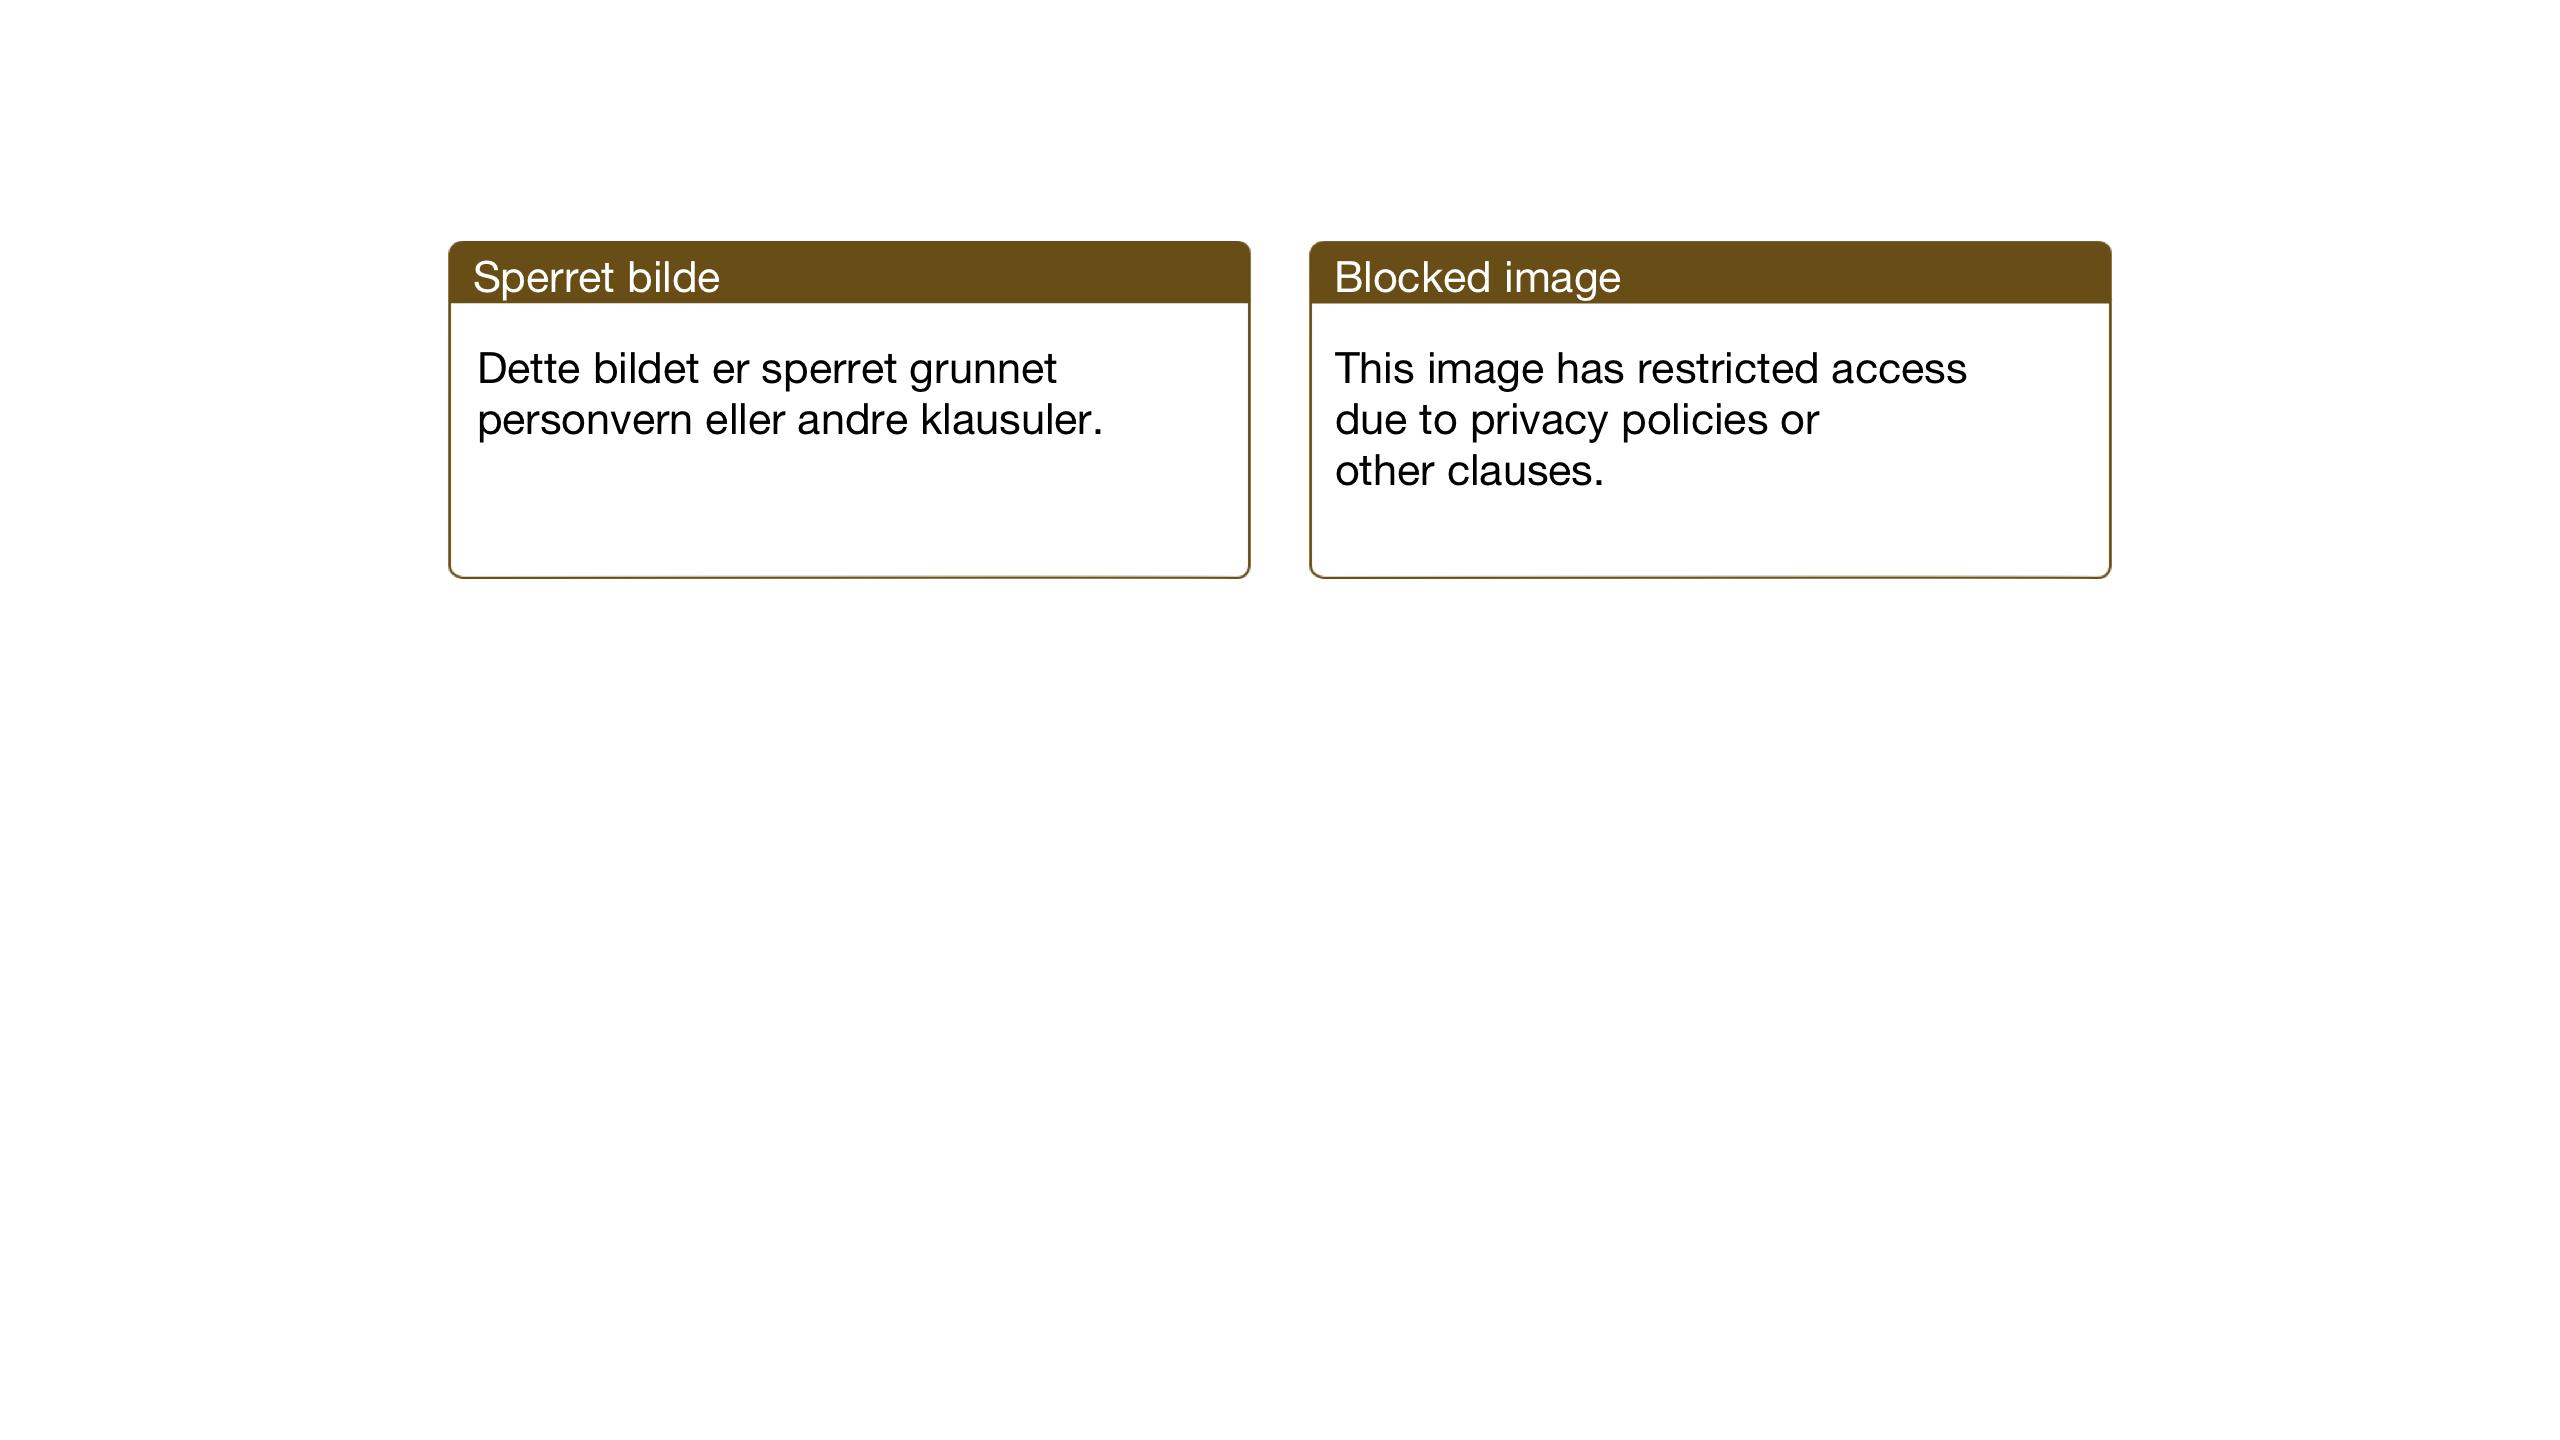 SAT, Ministerialprotokoller, klokkerbøker og fødselsregistre - Sør-Trøndelag, 669/L0832: Klokkerbok nr. 669C02, 1925-1953, s. 163